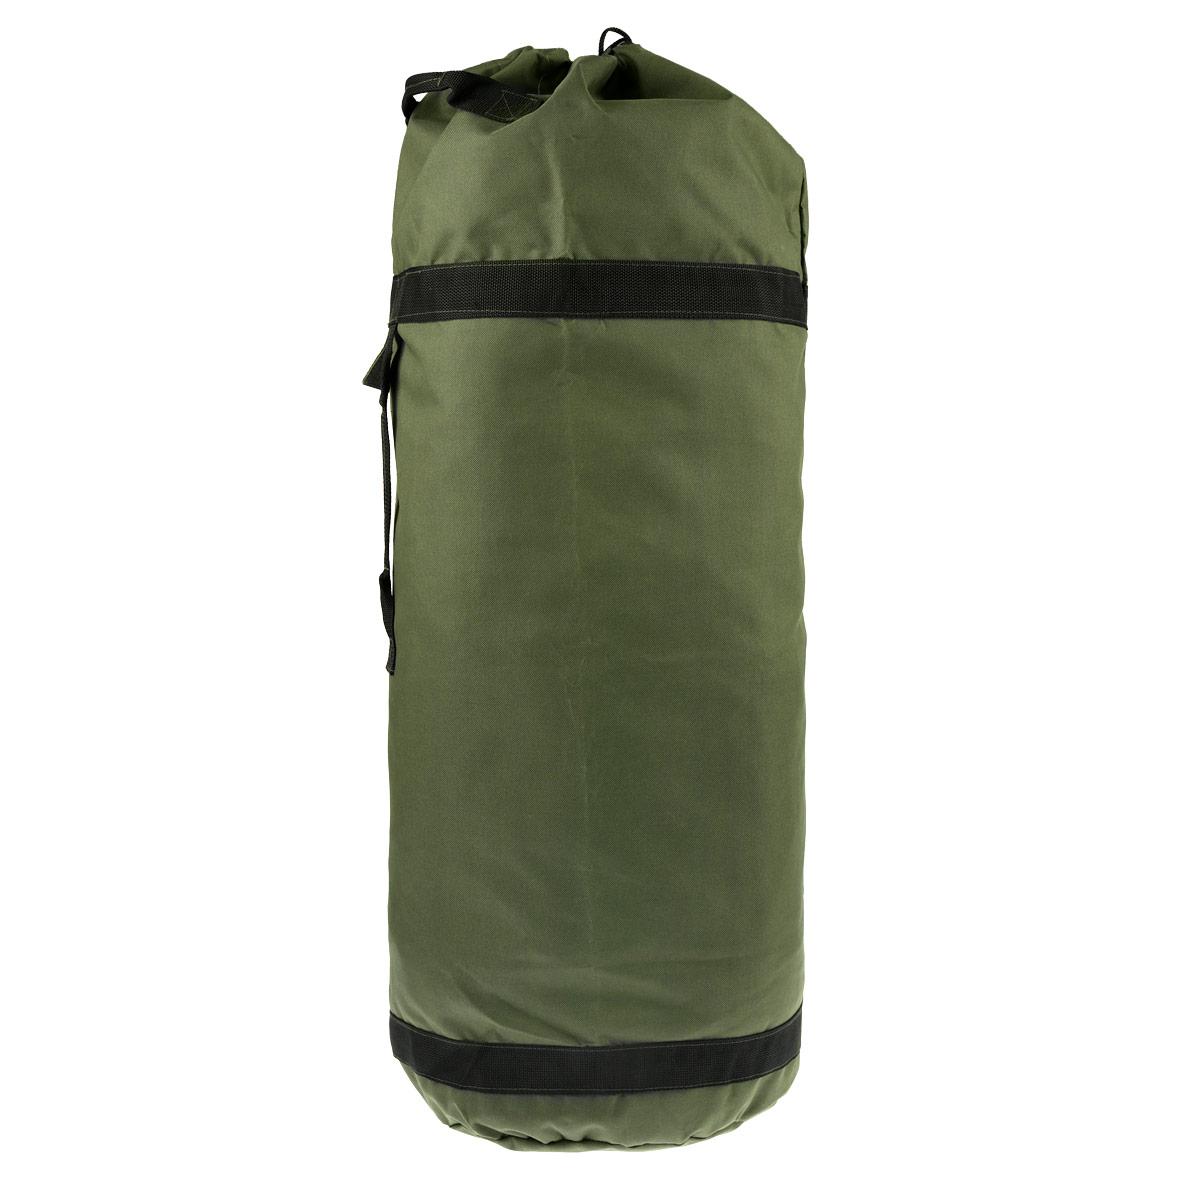 Вещмешок-рюкзак Алом-Дар, цвет: хаки, 70 л7909-070Вещмешок Алом-Дар с лямками, выполненный из водоотталкивающей ткани. Аналог армейского вещмешка стран НАТО. Имеет прошитые усиленные стропой лямки, идущие вдоль мешка, поддерживающие дно. Мешок можно использовать как рюкзак. Ручка сбоку и две ручки сверху в горловине мешка позволяют переносить его как сумку в вертикальном или горизонтальном положении. Горловина затягивается усиленным шнуром, сбоку есть карман на кнопке.